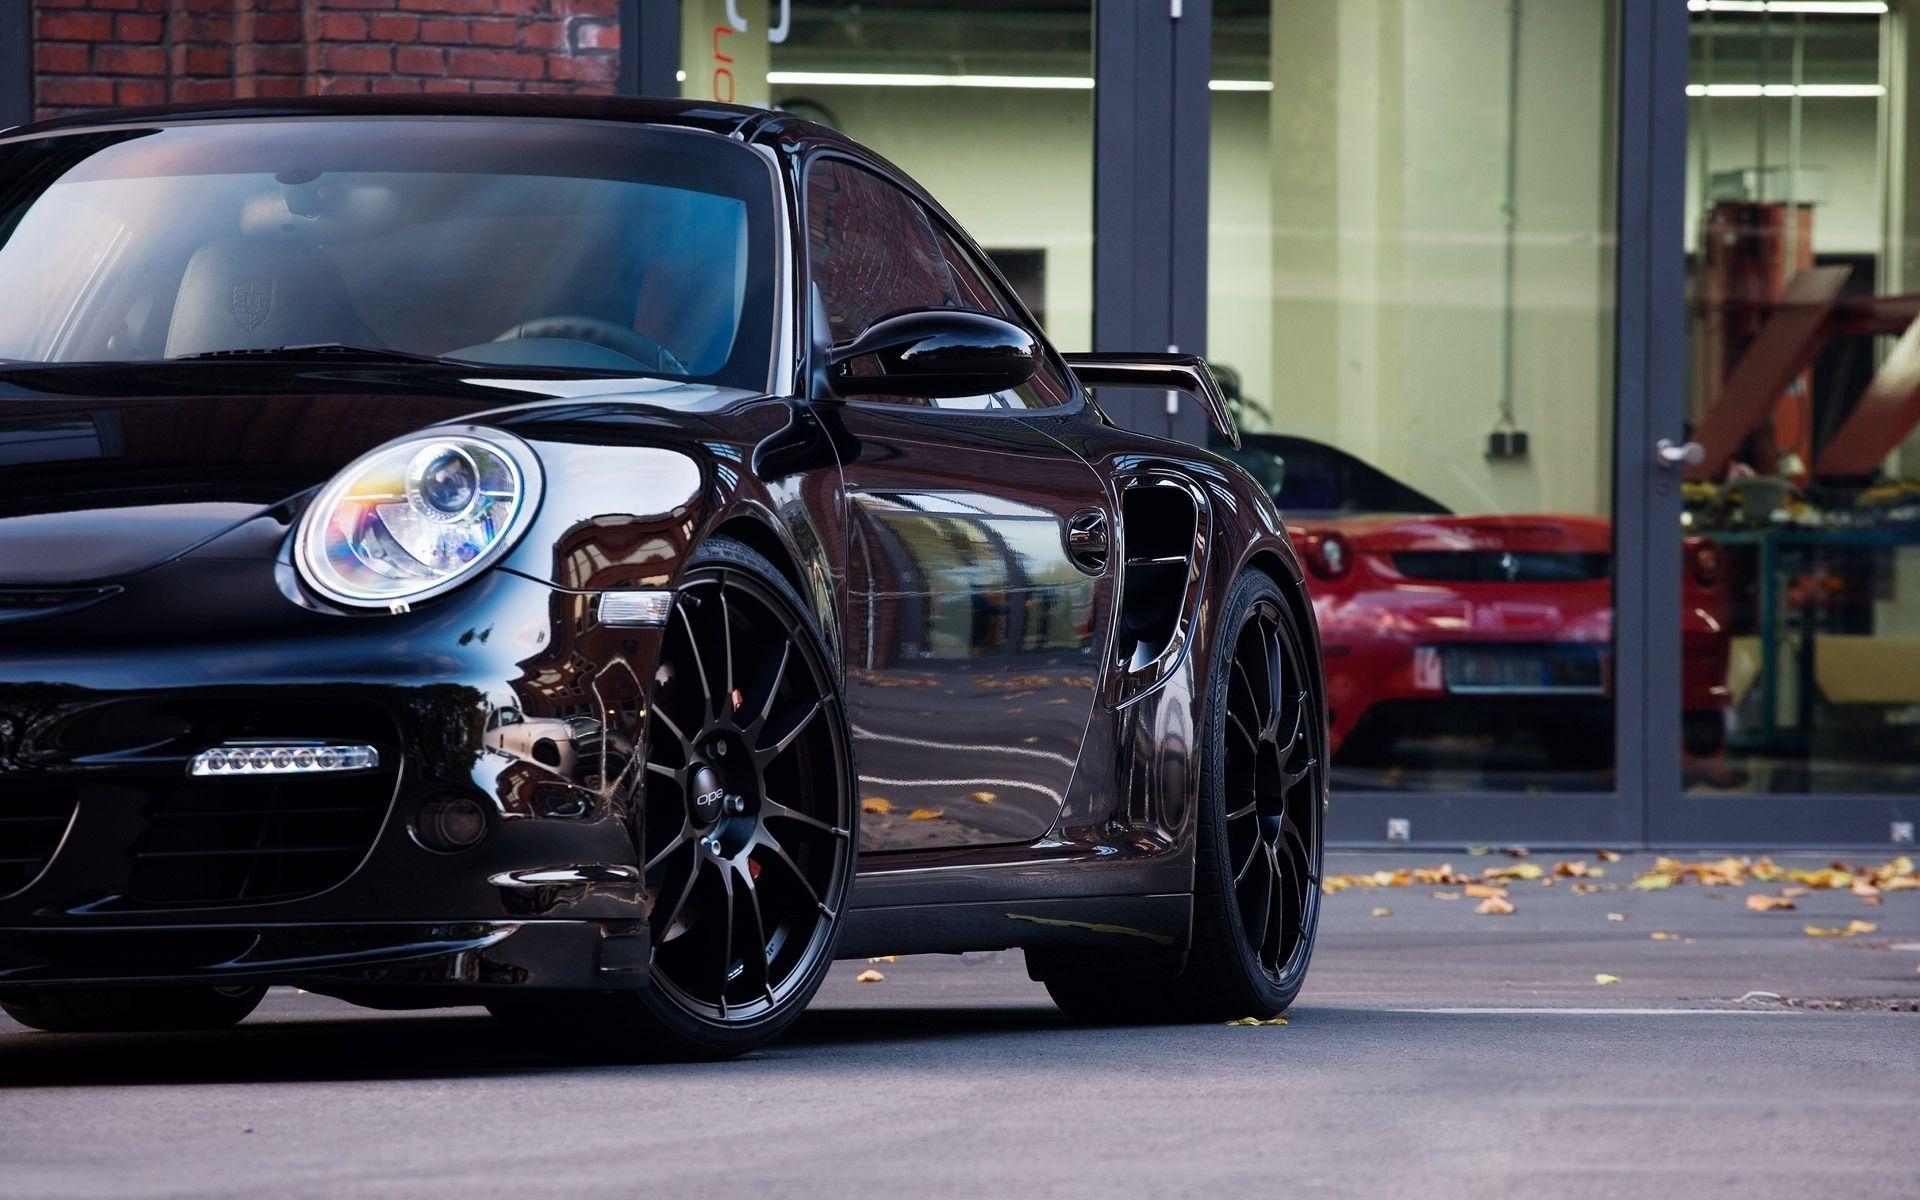 24254 скачать обои Транспорт, Машины, Порш (Porsche) - заставки и картинки бесплатно